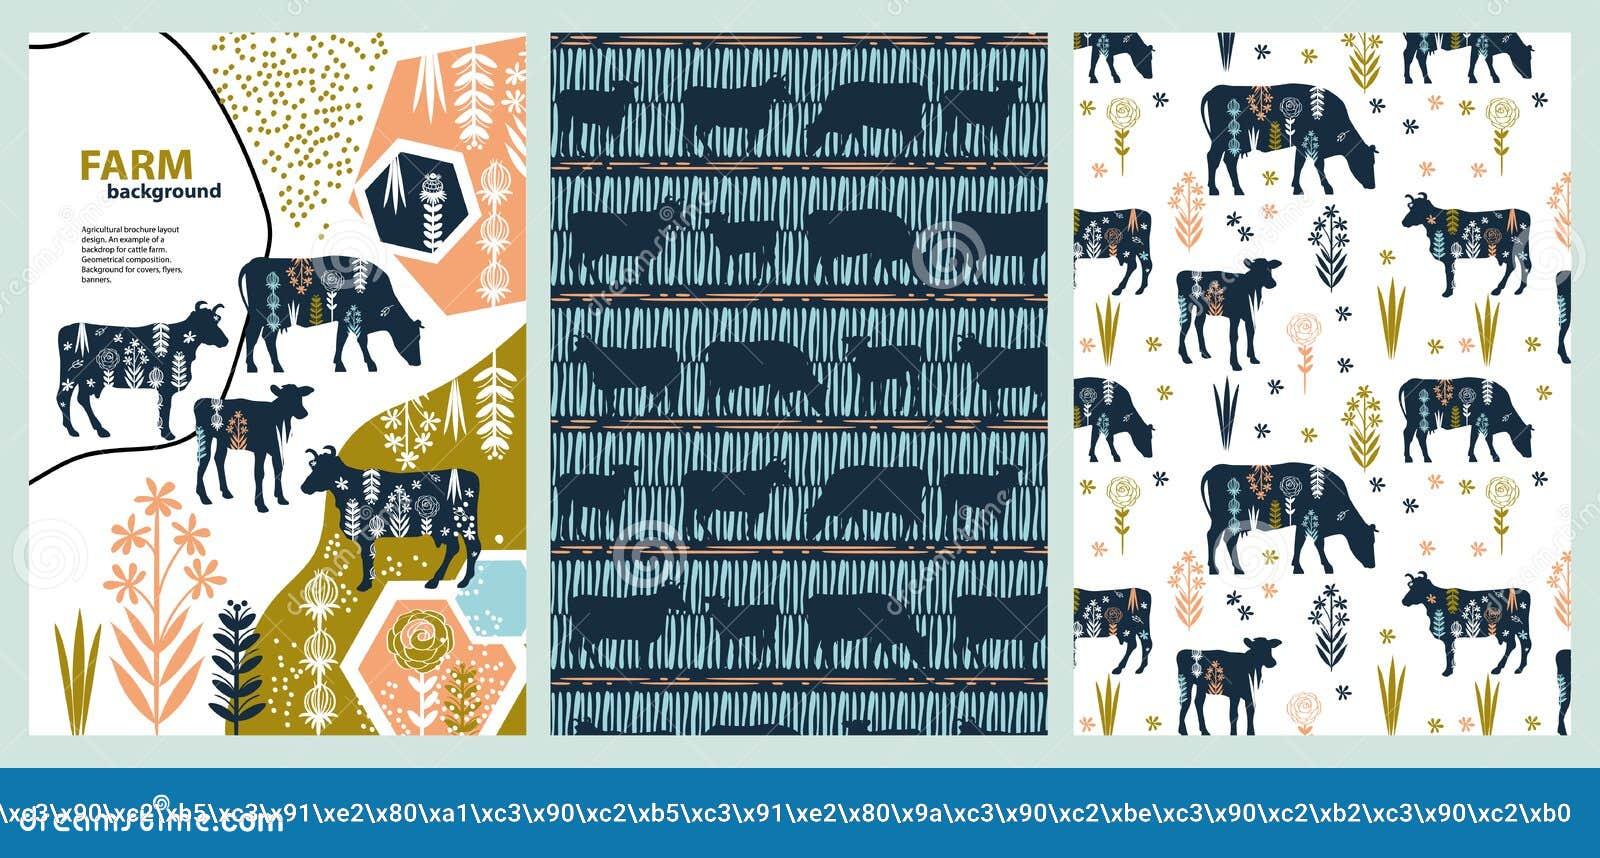 Diseño agrícola de la disposición del folleto Un ejemplo de un contexto para la granja de ganado composici?n geom?trica Fondo par